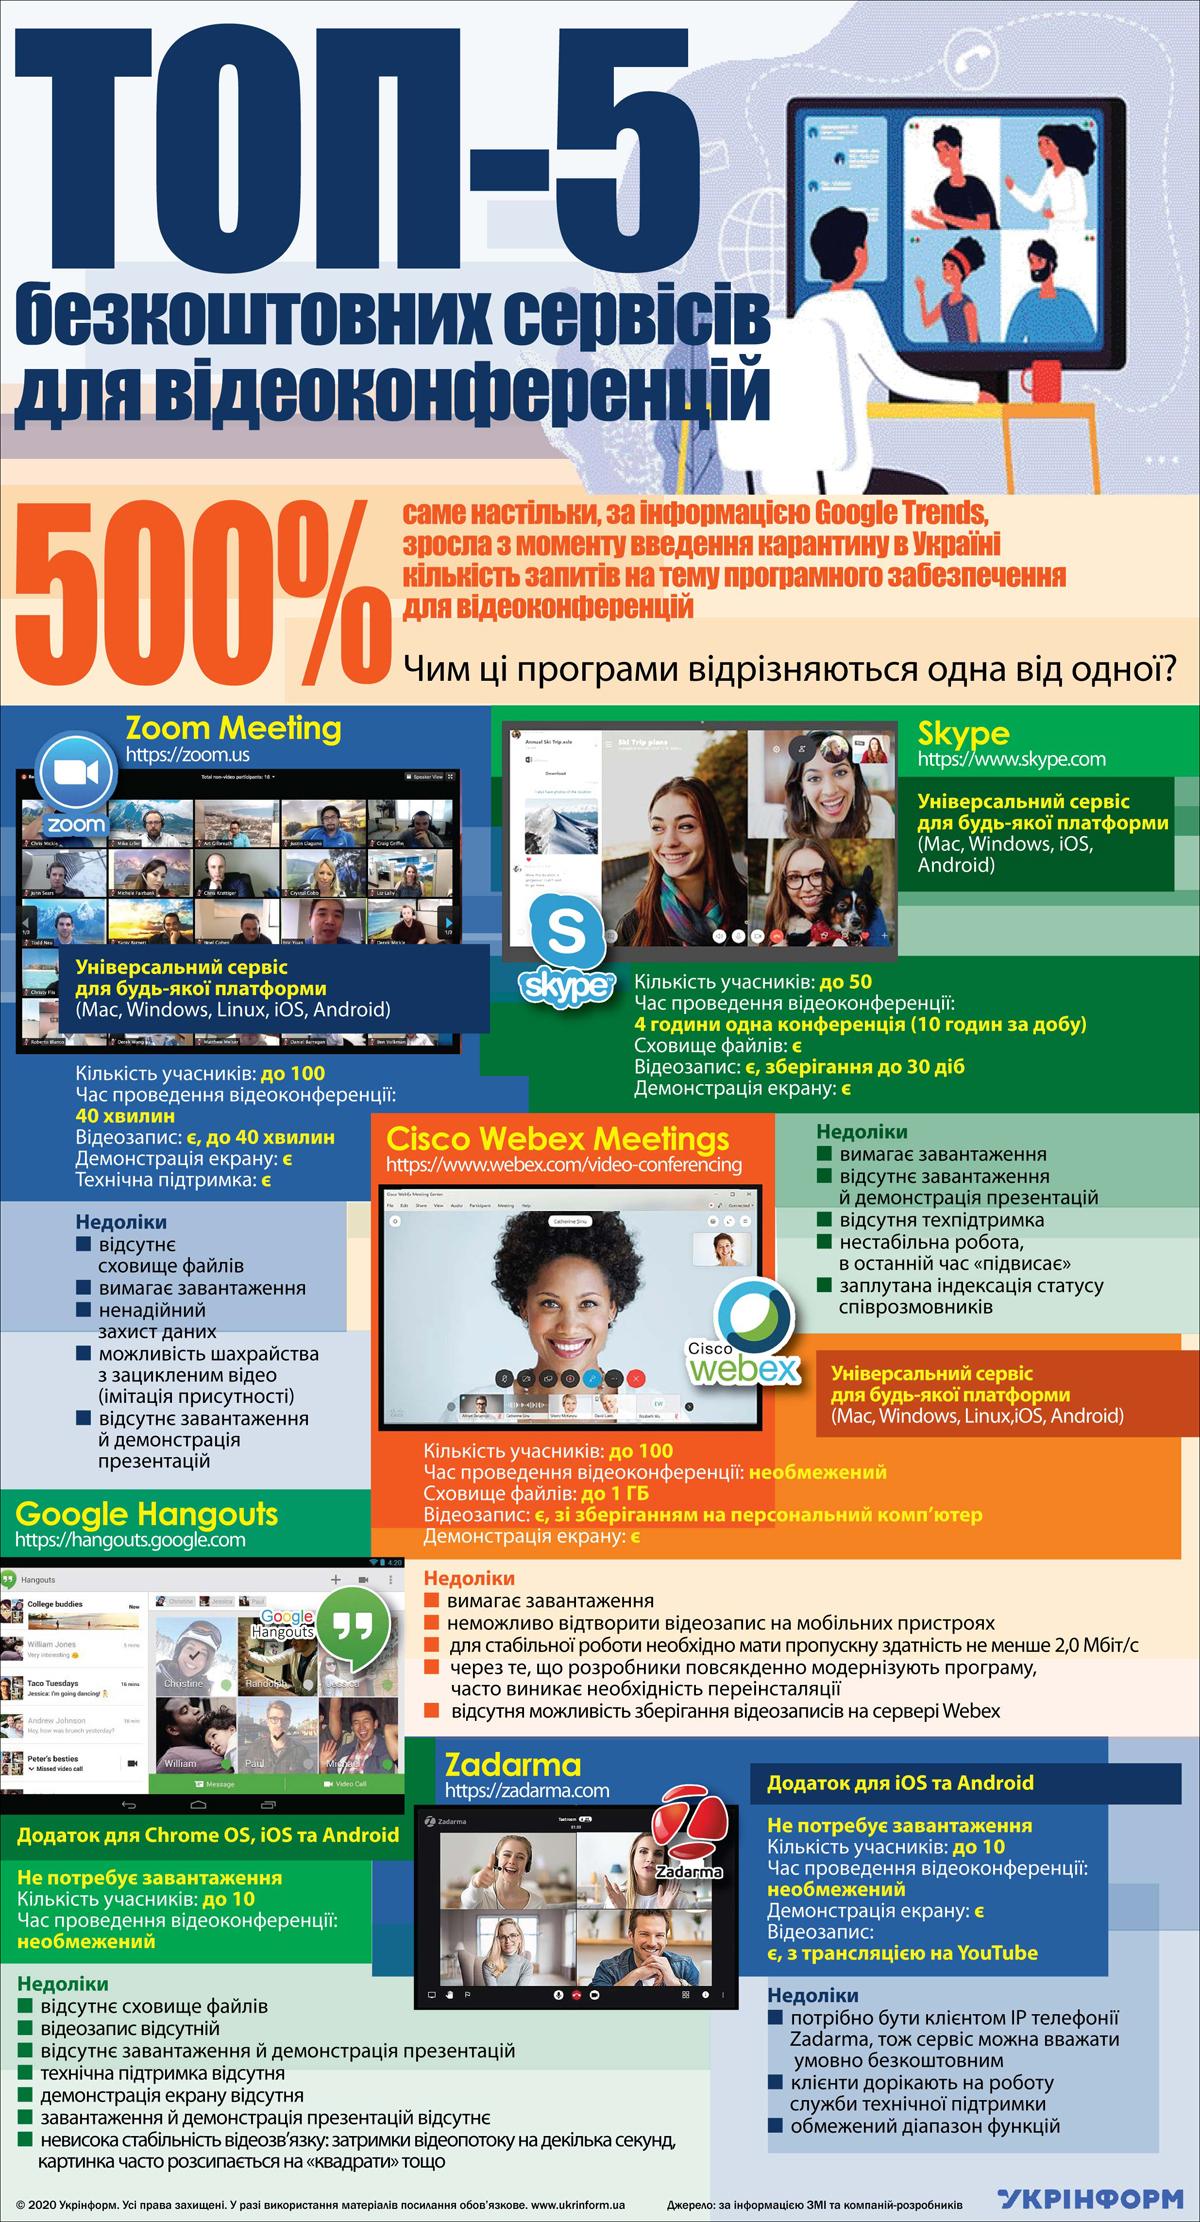 ТОП-5 безкоштовних сервісів для відеоконференцій